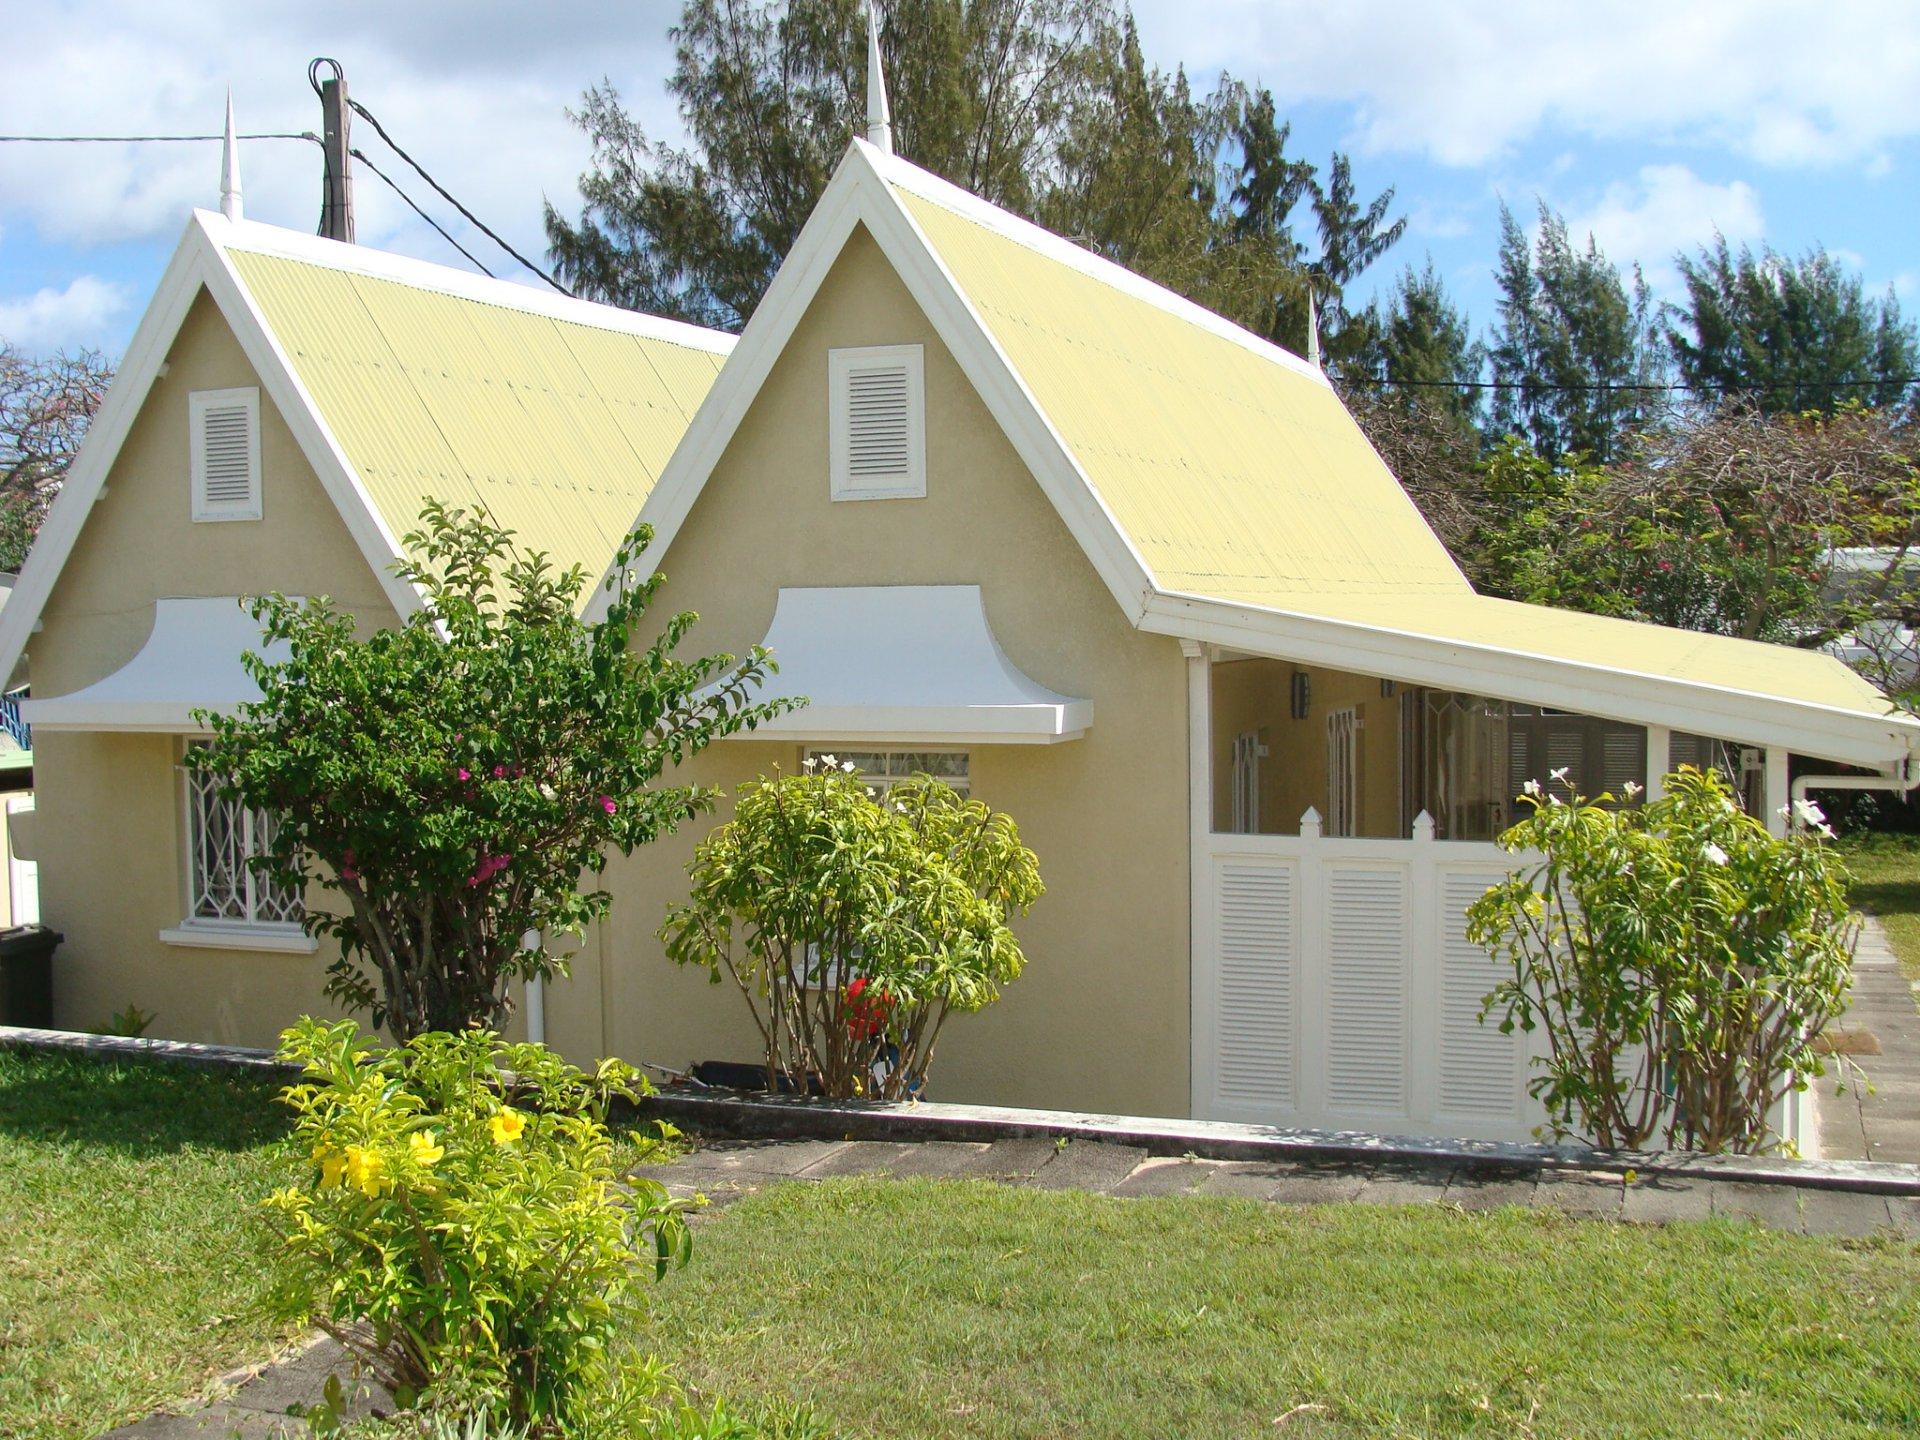 Maison EXCEPTIONNELLE proche de la plage